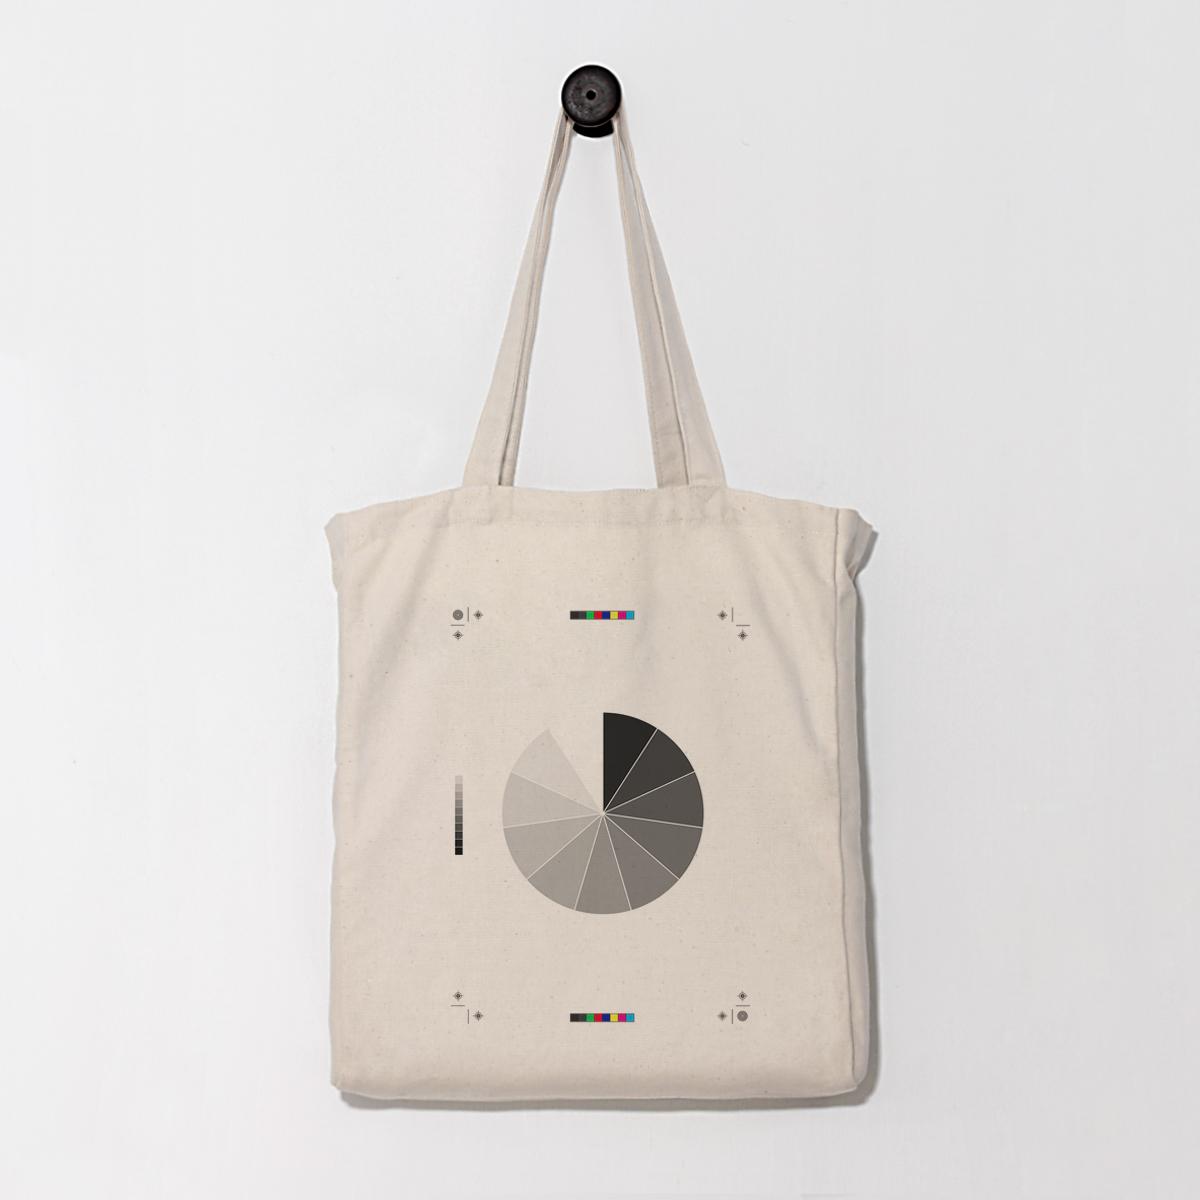 [黑灰白]  購物袋/帆布袋/托特包/環保袋/肩背/手提/Eco包/日用袋